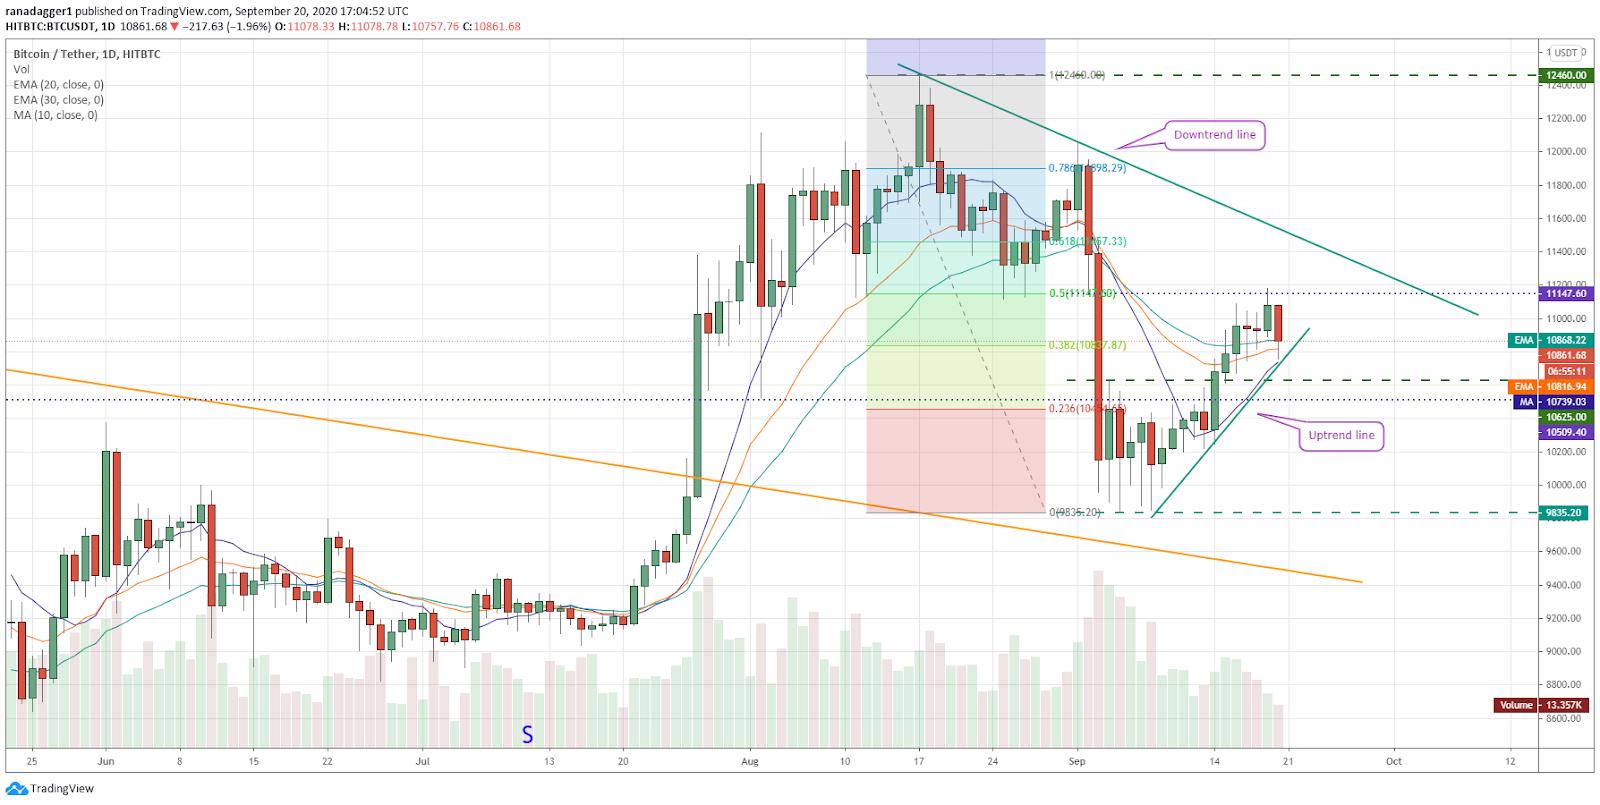 Gráfico diario para el par BTC/USD. Fuente: Tradingview